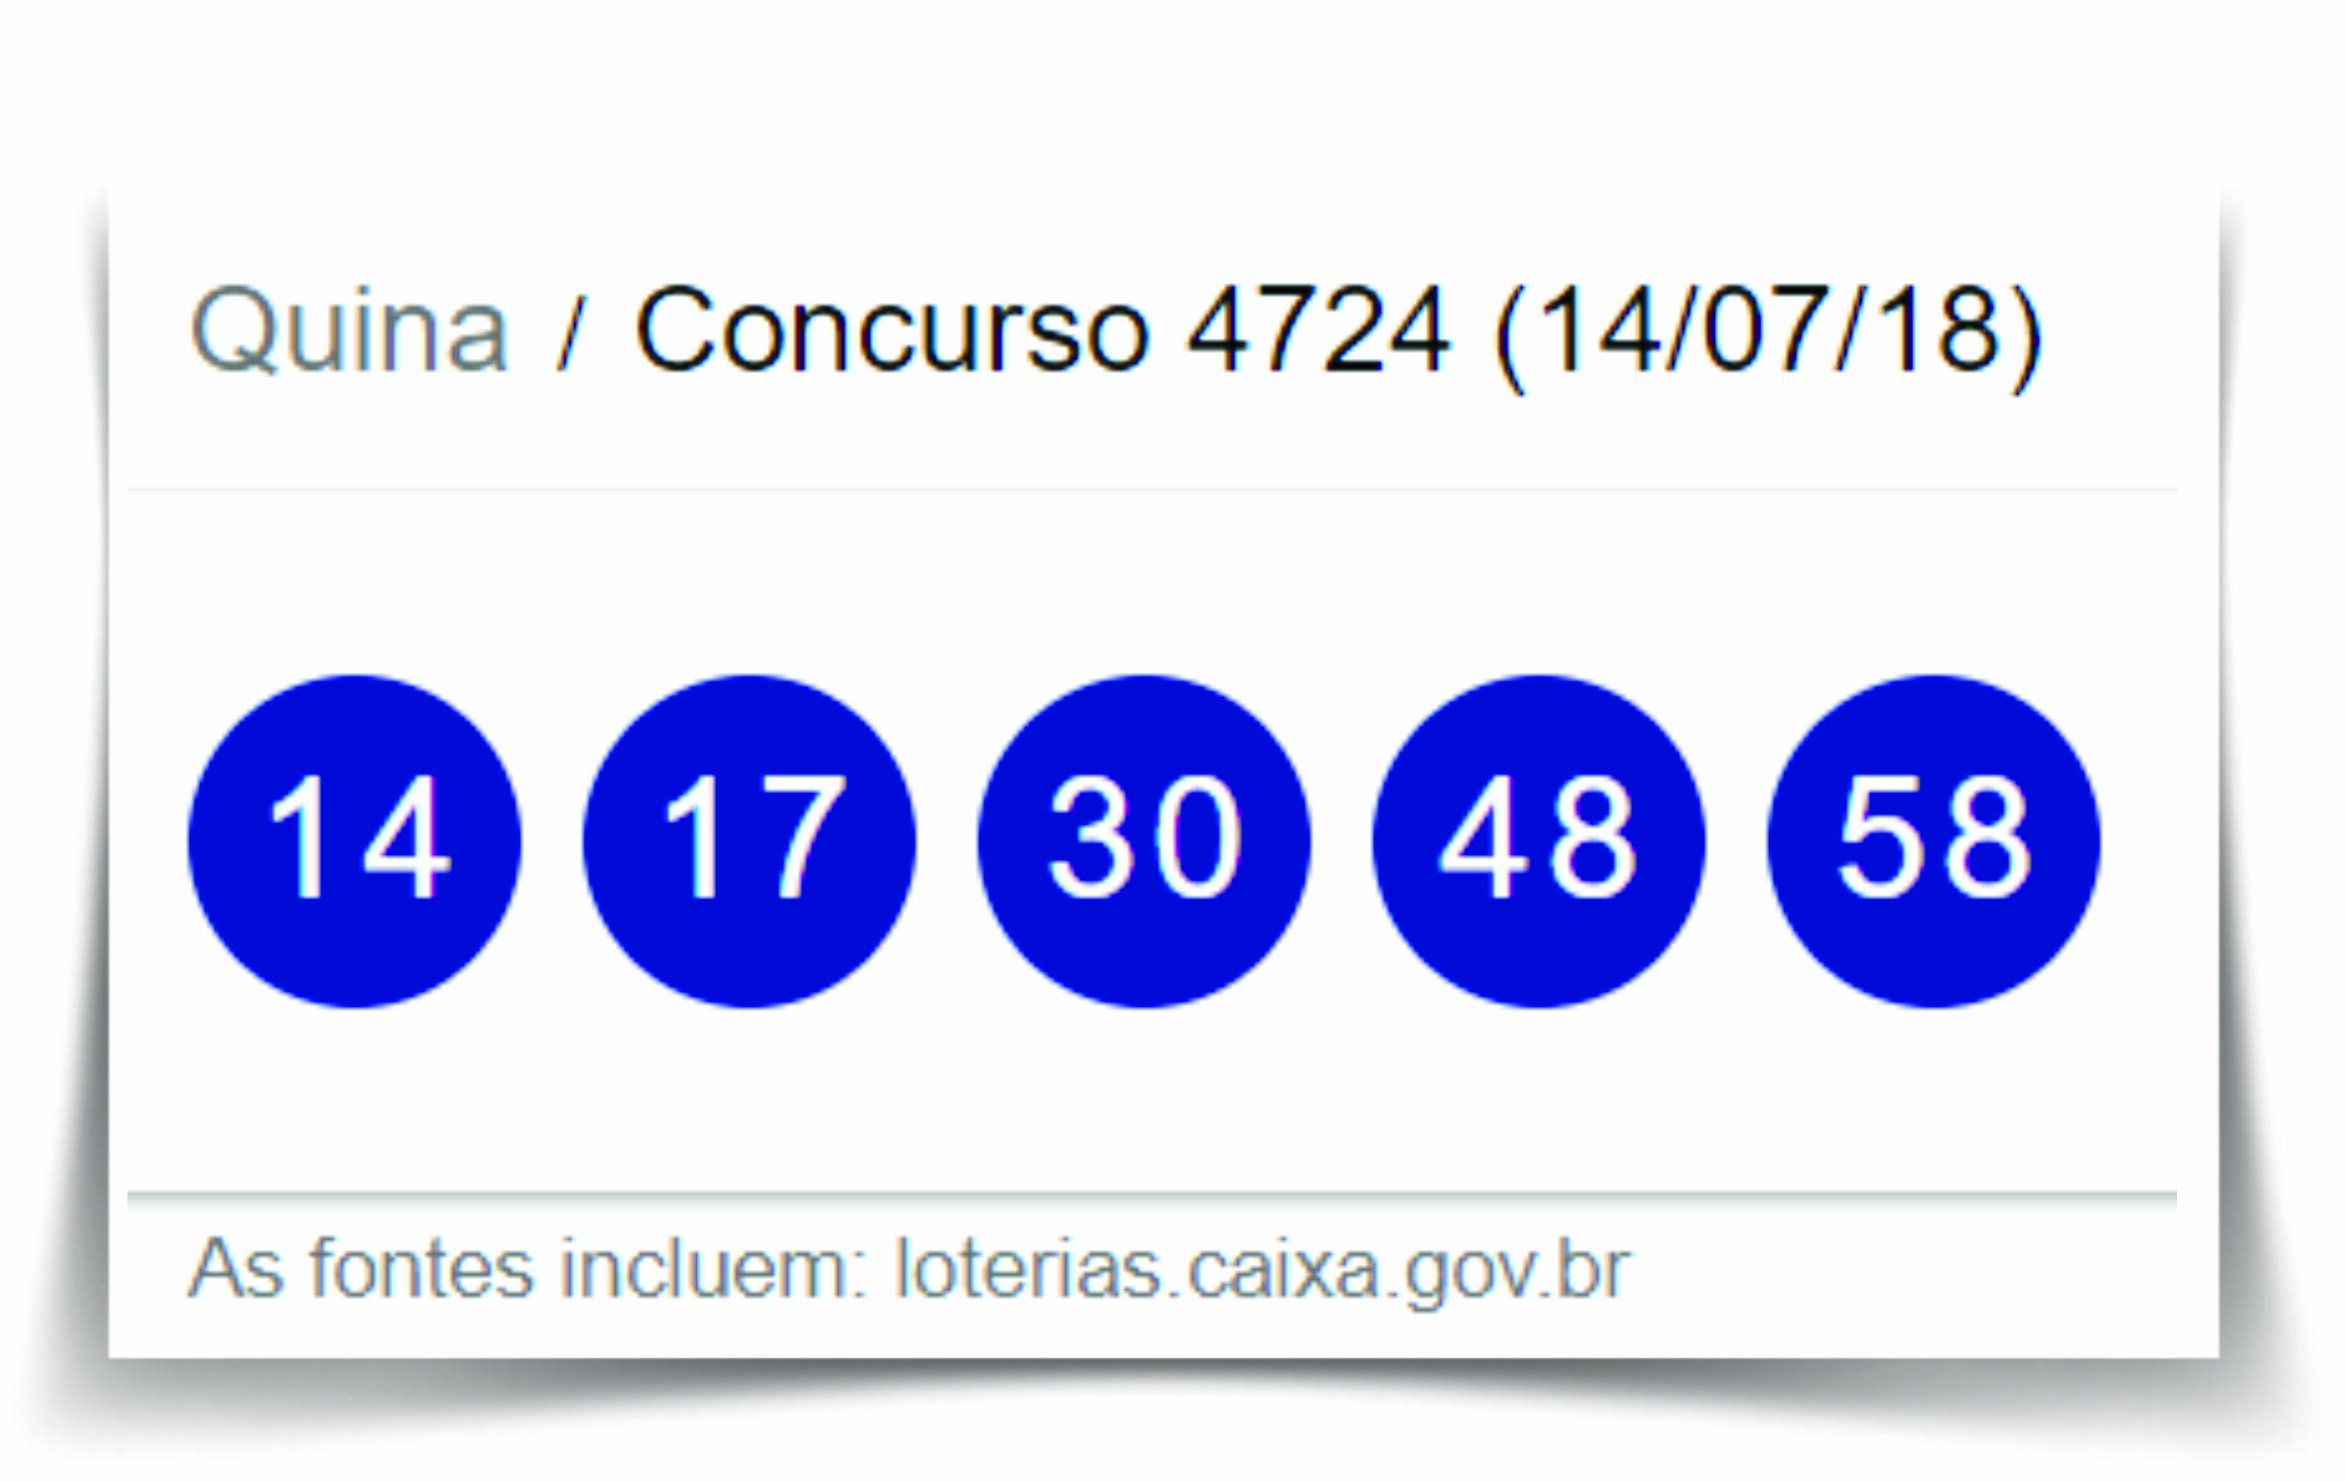 Resultado da Quina Concurso 4724 / Loterias Caixa